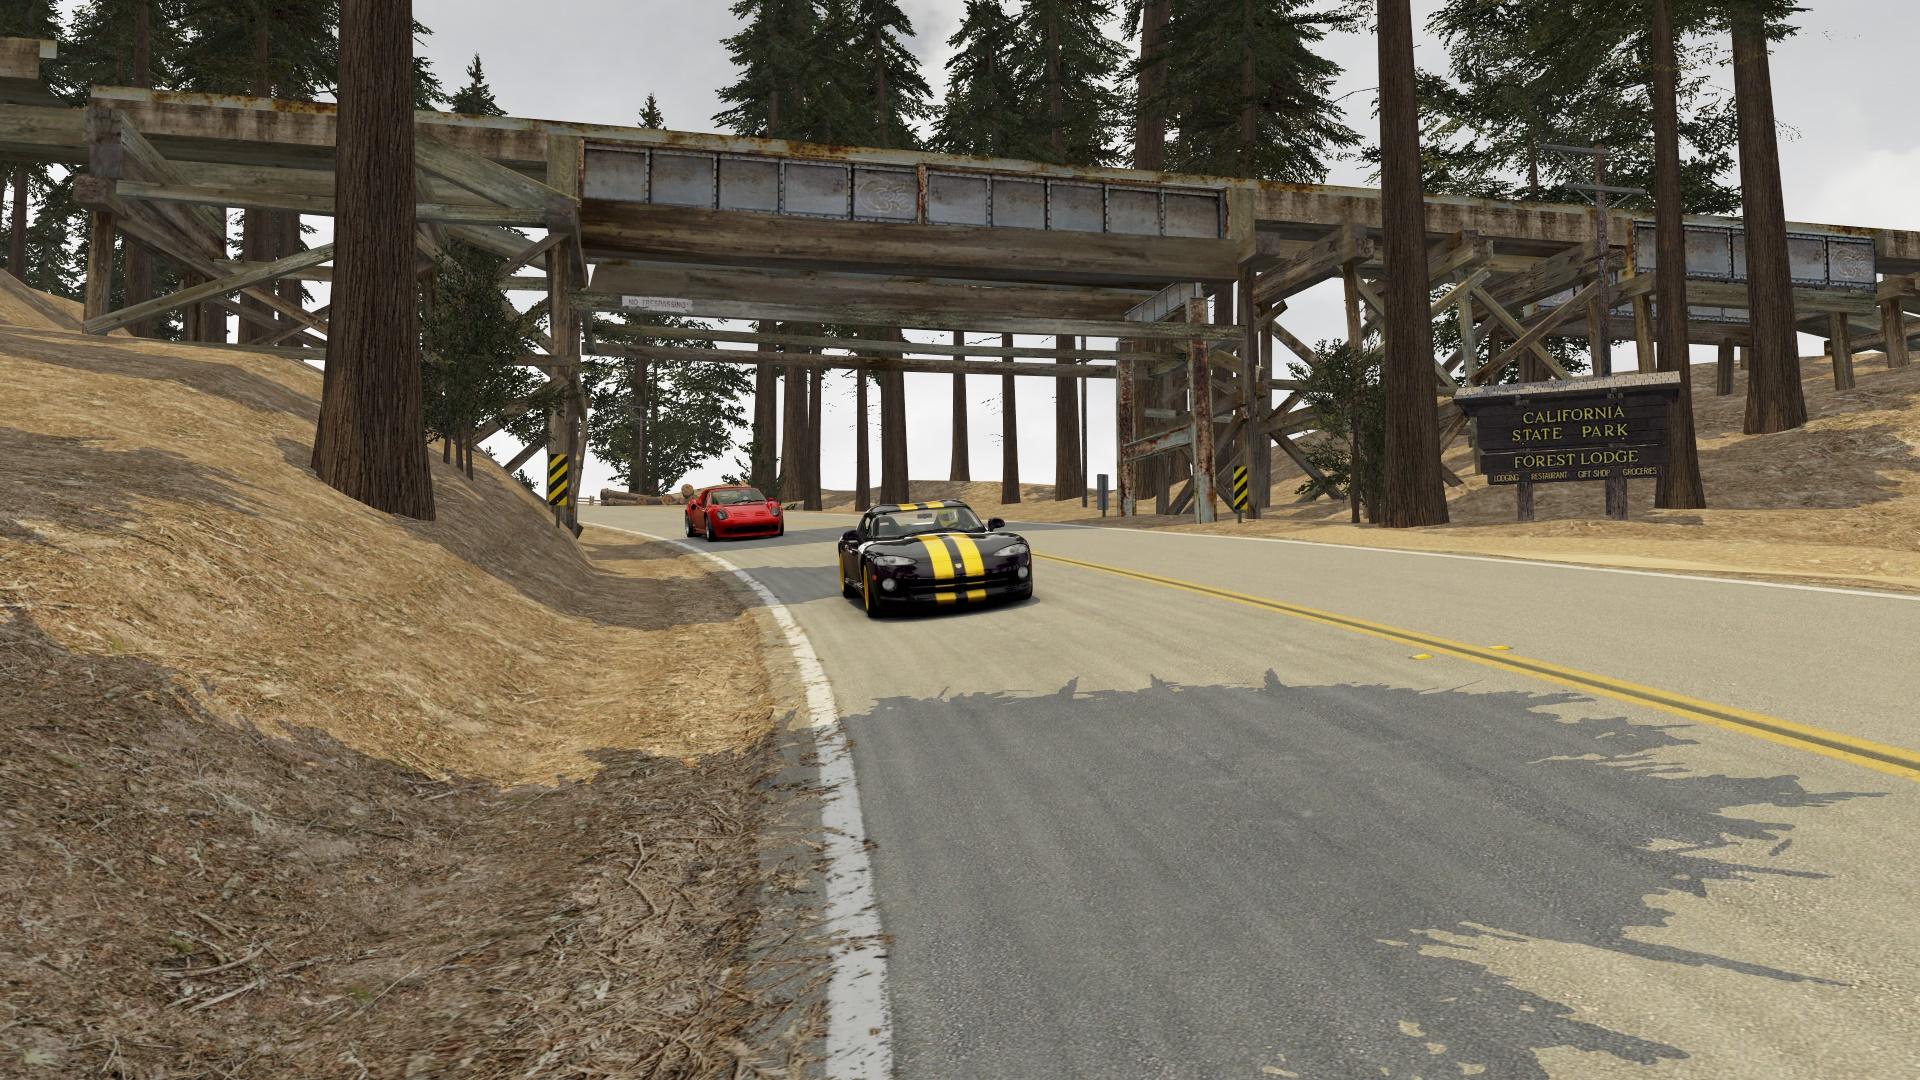 Screenshot_bugatti_veyron_ss_californiacoast_4-9-120-23-43-27.jpg